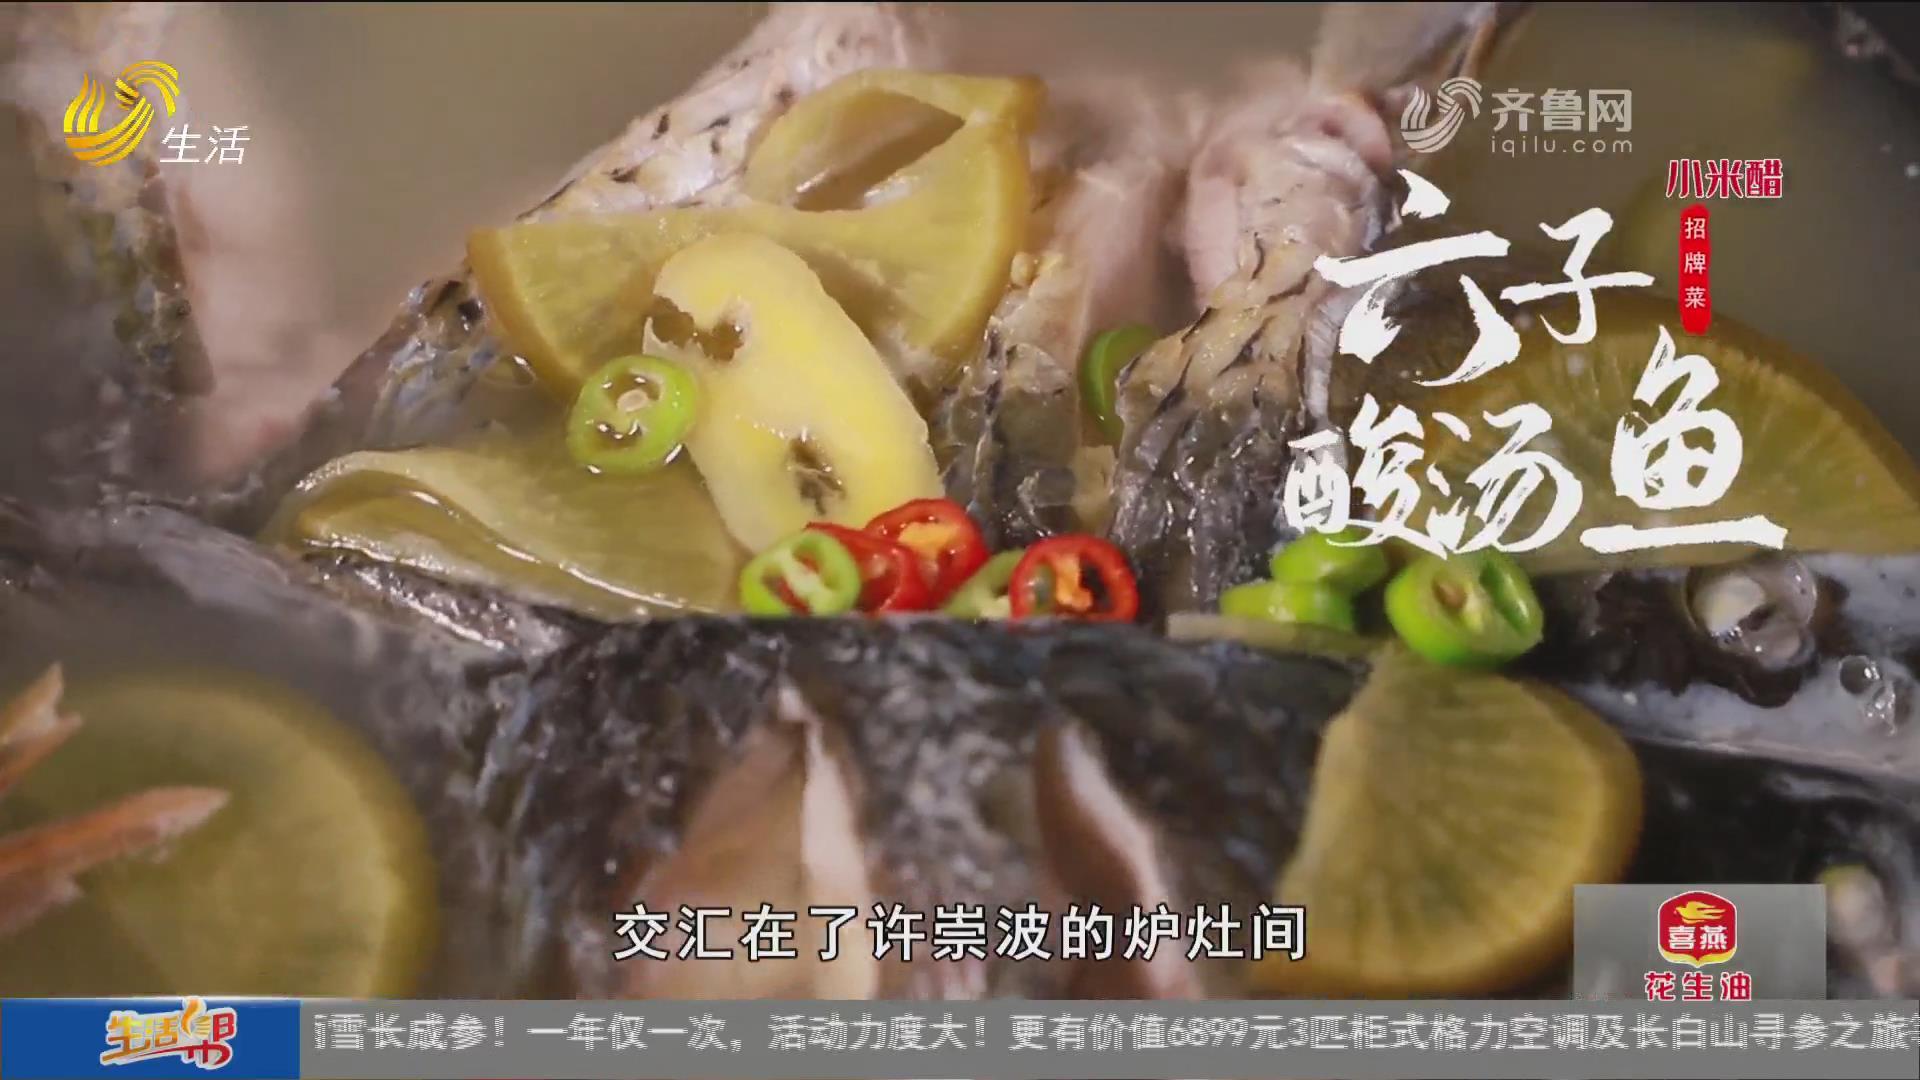 【难舍经典 山东味道】第16场美食大赛【招牌菜】——六子酸汤鱼